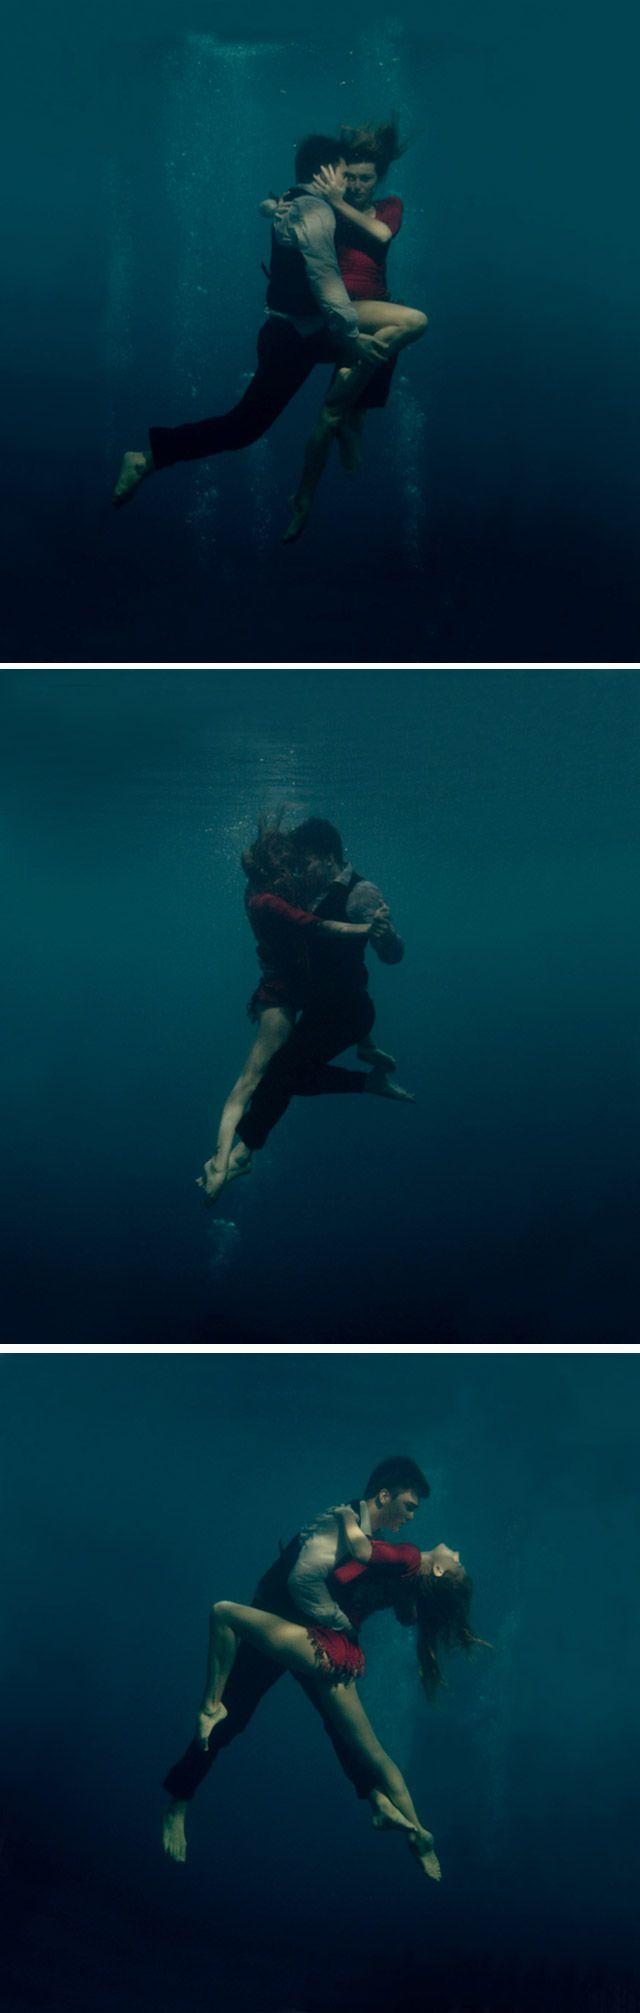 Na série Underwater Tango, a fotógrafa russaKaterina Bodrunovaretrata um casal apaixonado dançando Tango debaixo d'água.